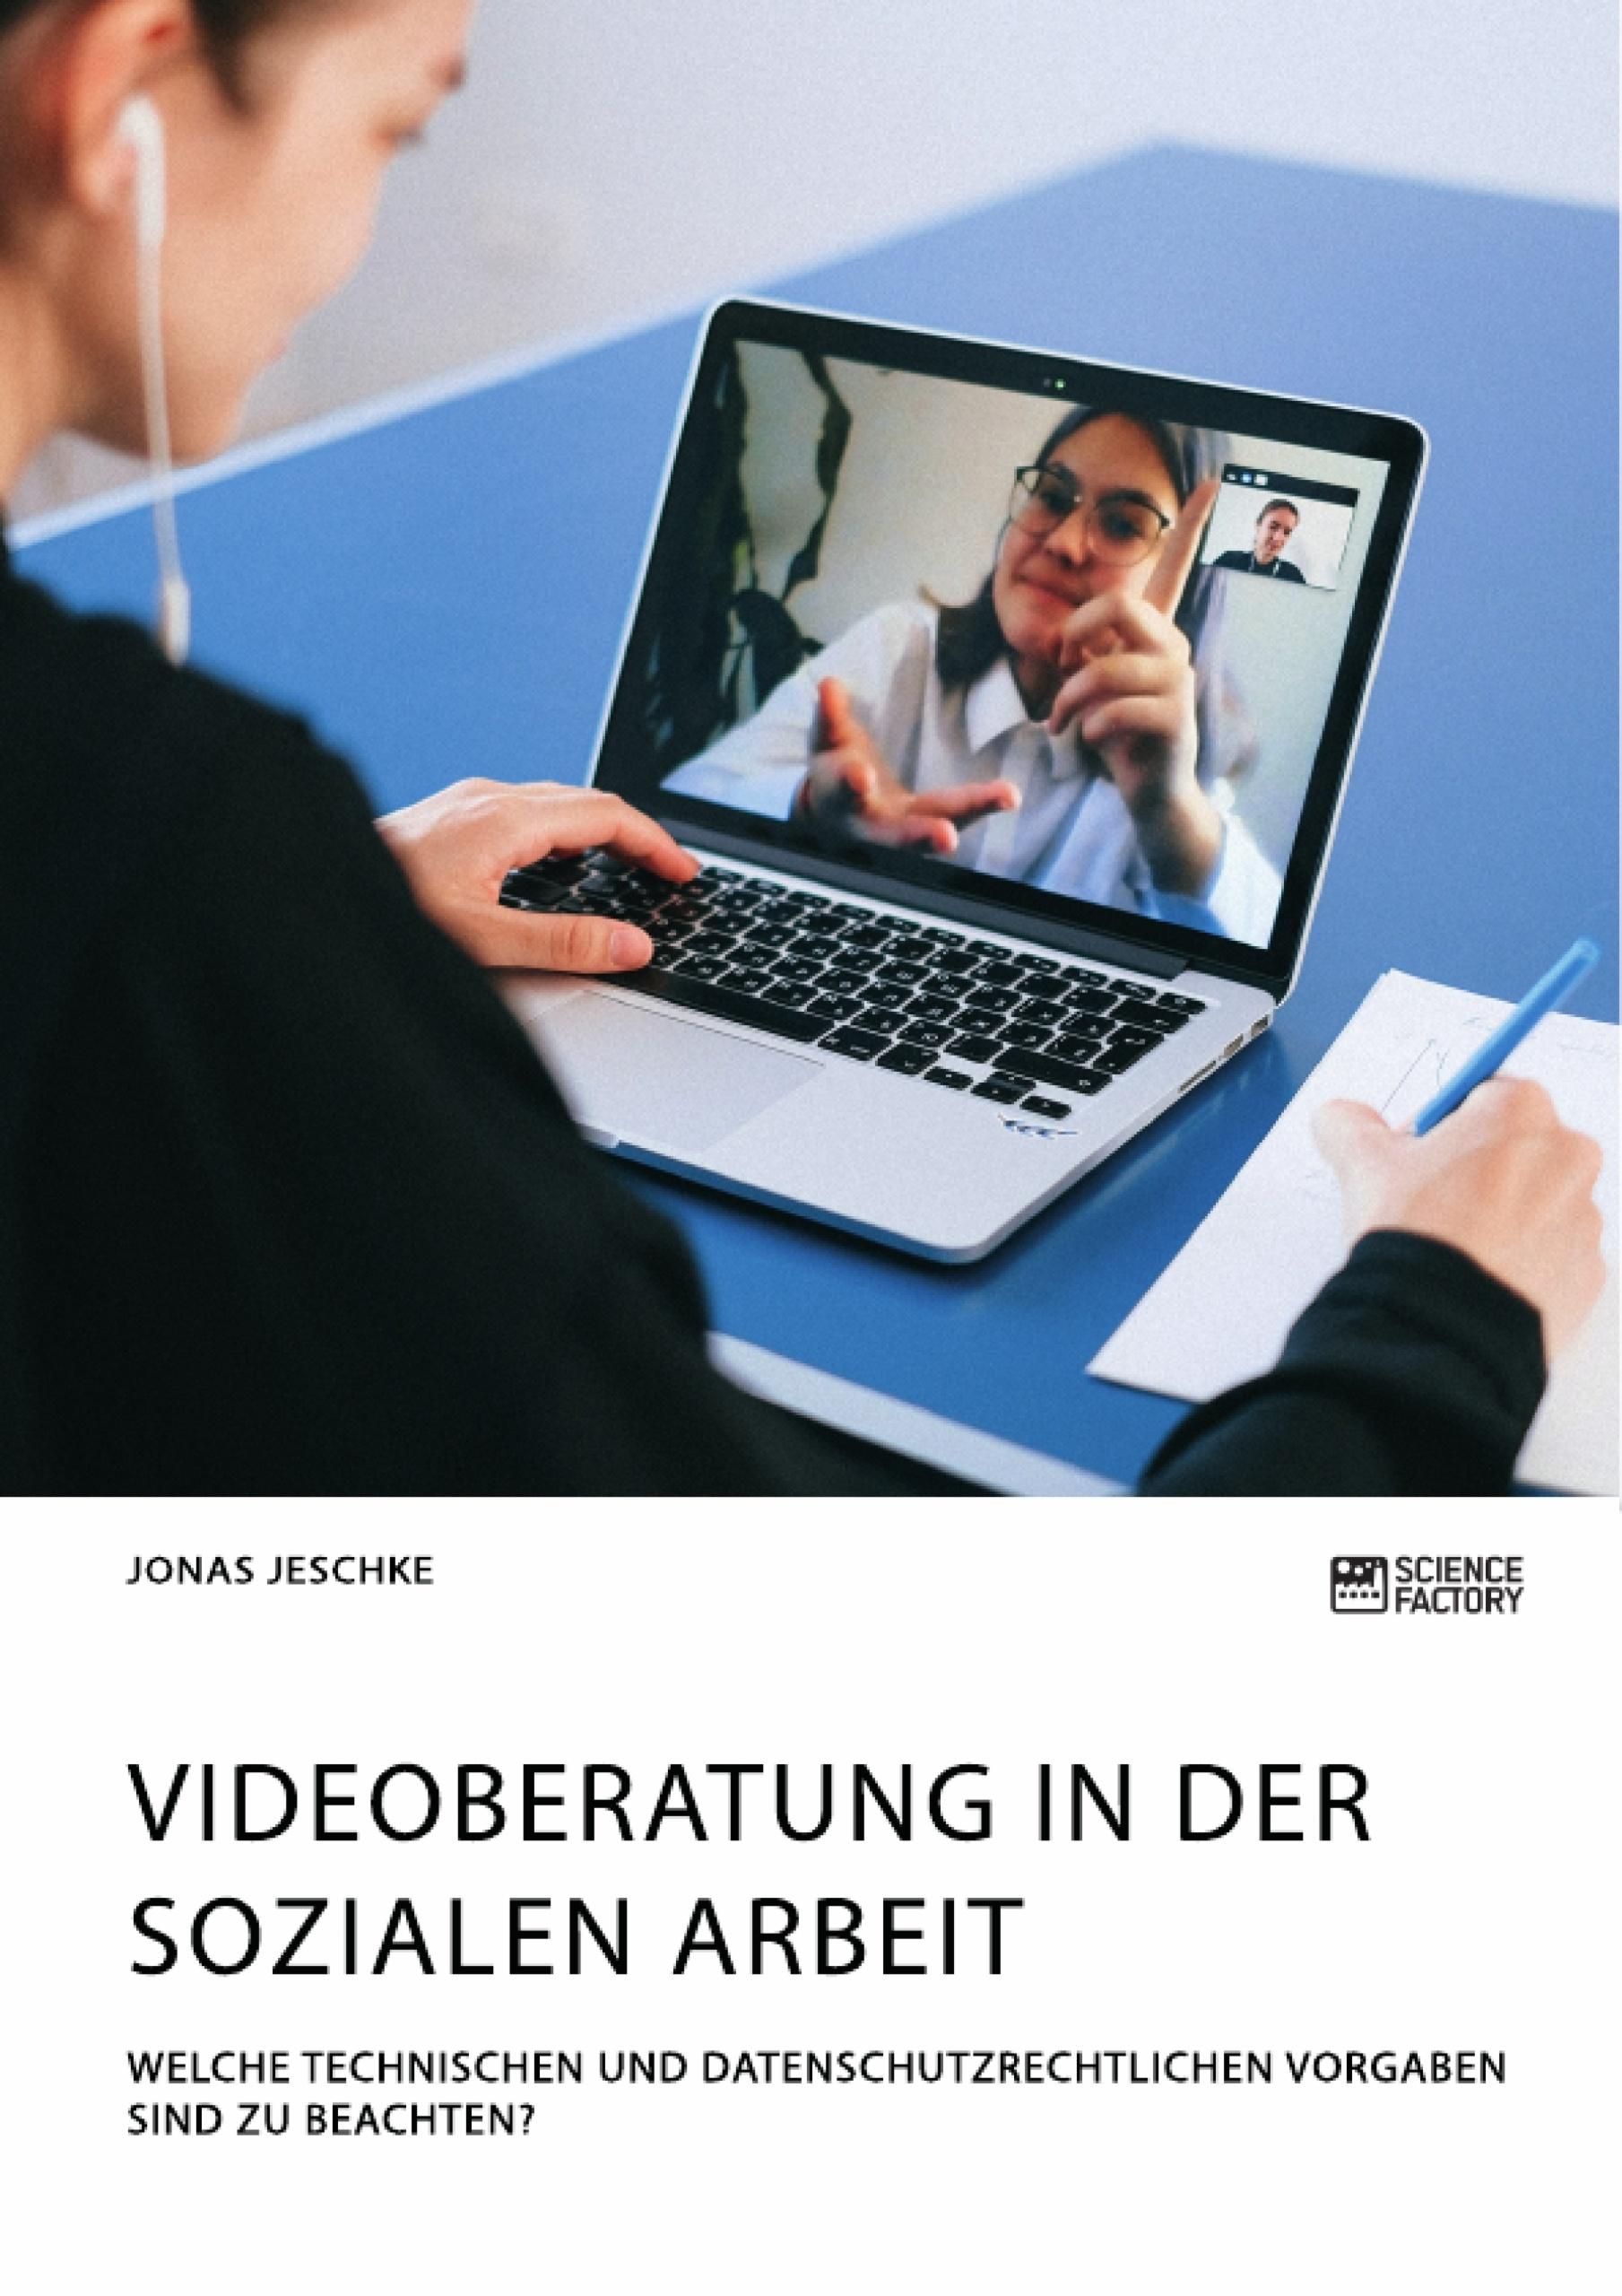 Titel: Videoberatung in der Sozialen Arbeit. Welche technischen und datenschutzrechtlichen Vorgaben sind zu beachten?